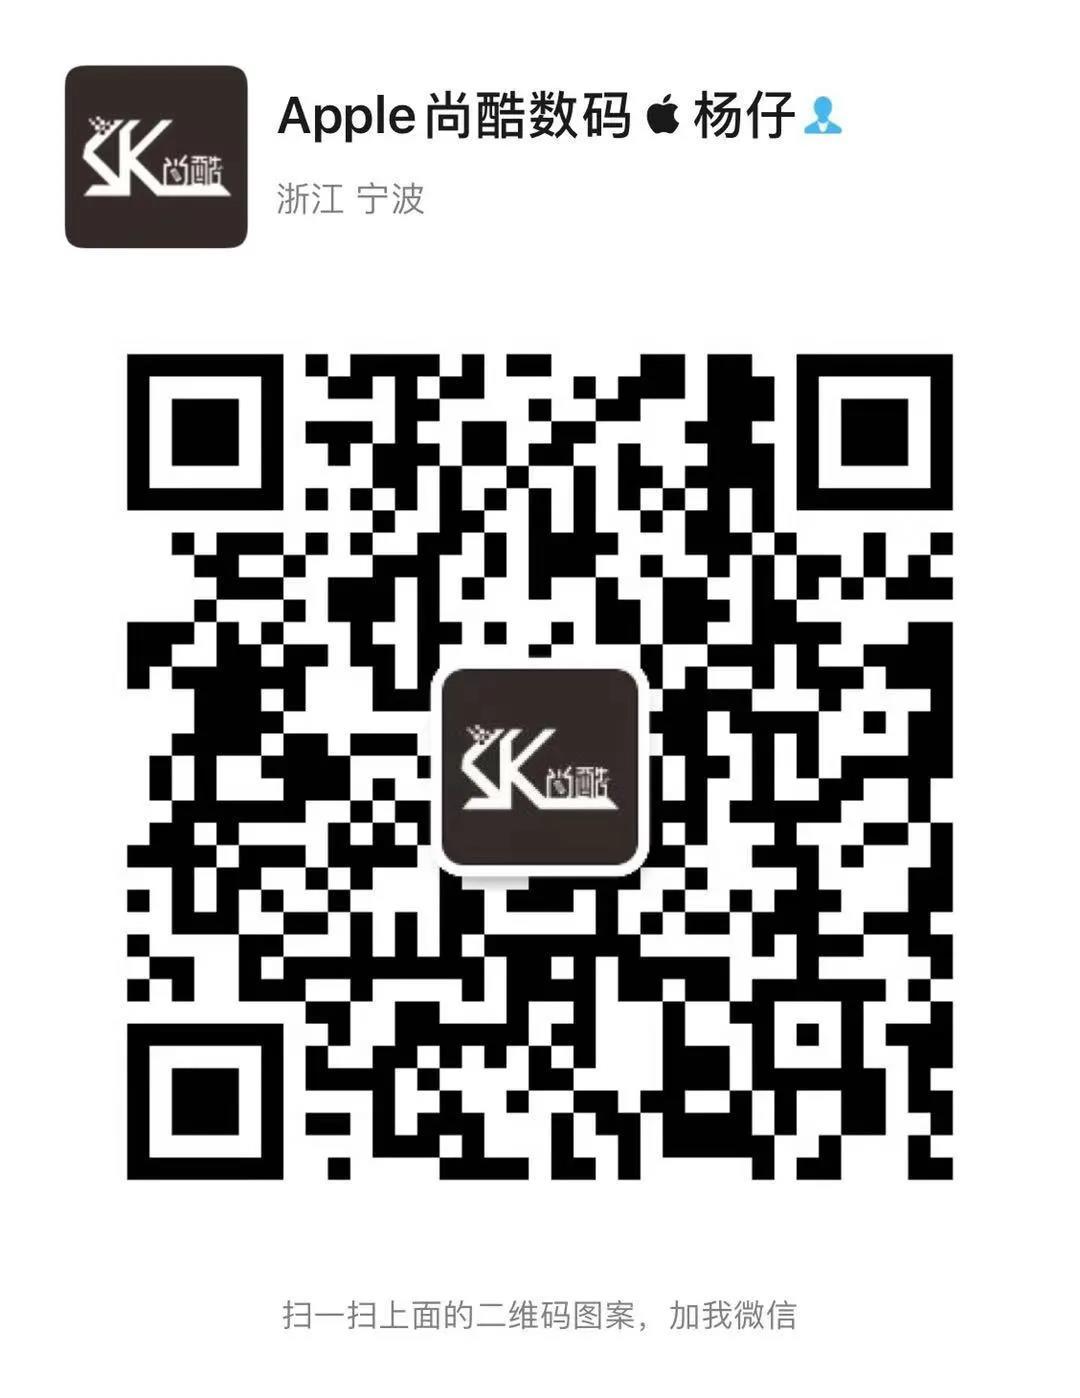 微信图片_20210325170500.jpg